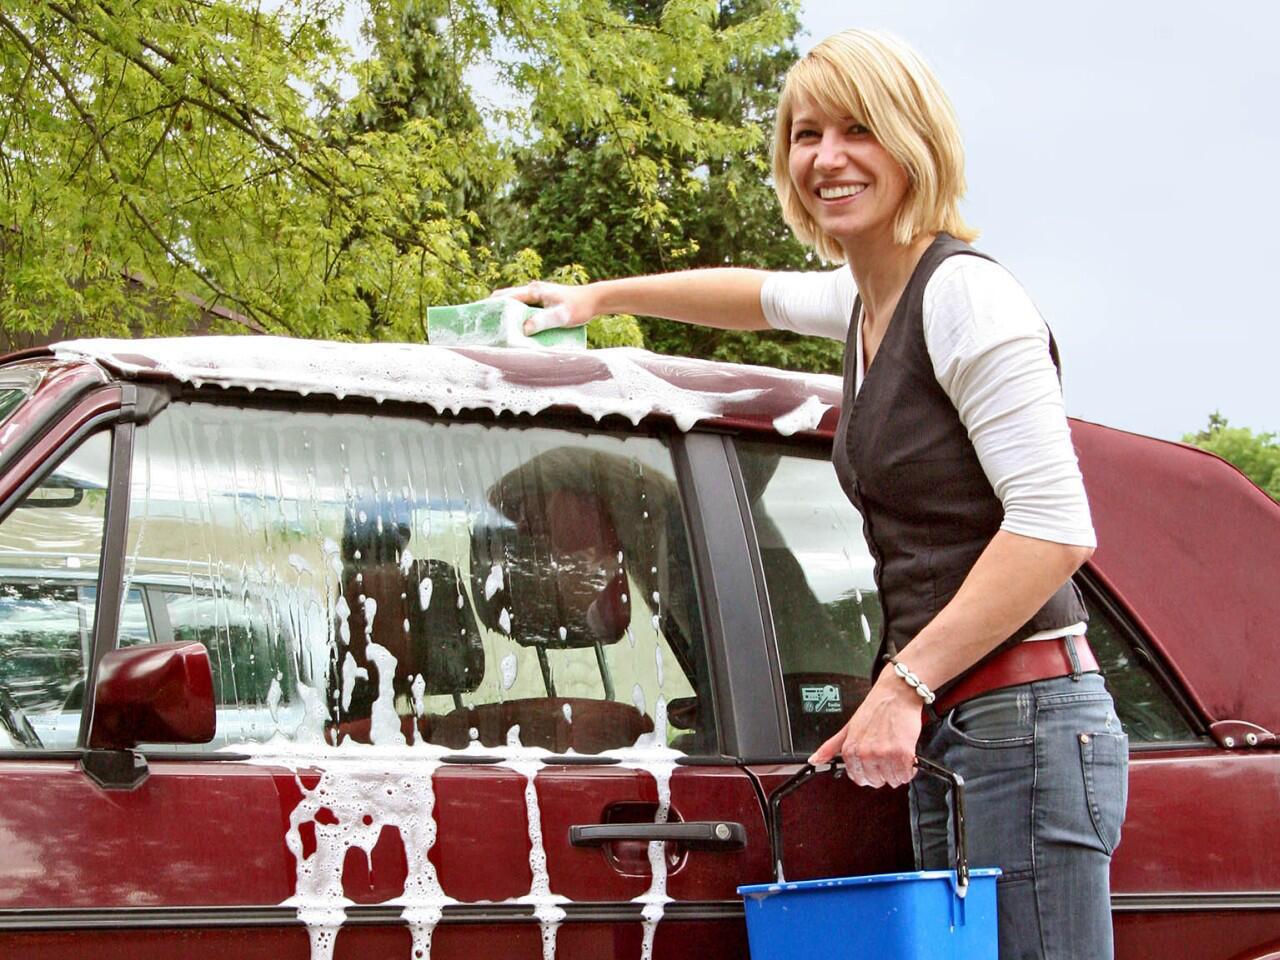 Bild zu Cabrioverdeck pflegen: Reinigung mindestens zweimal im Jahr